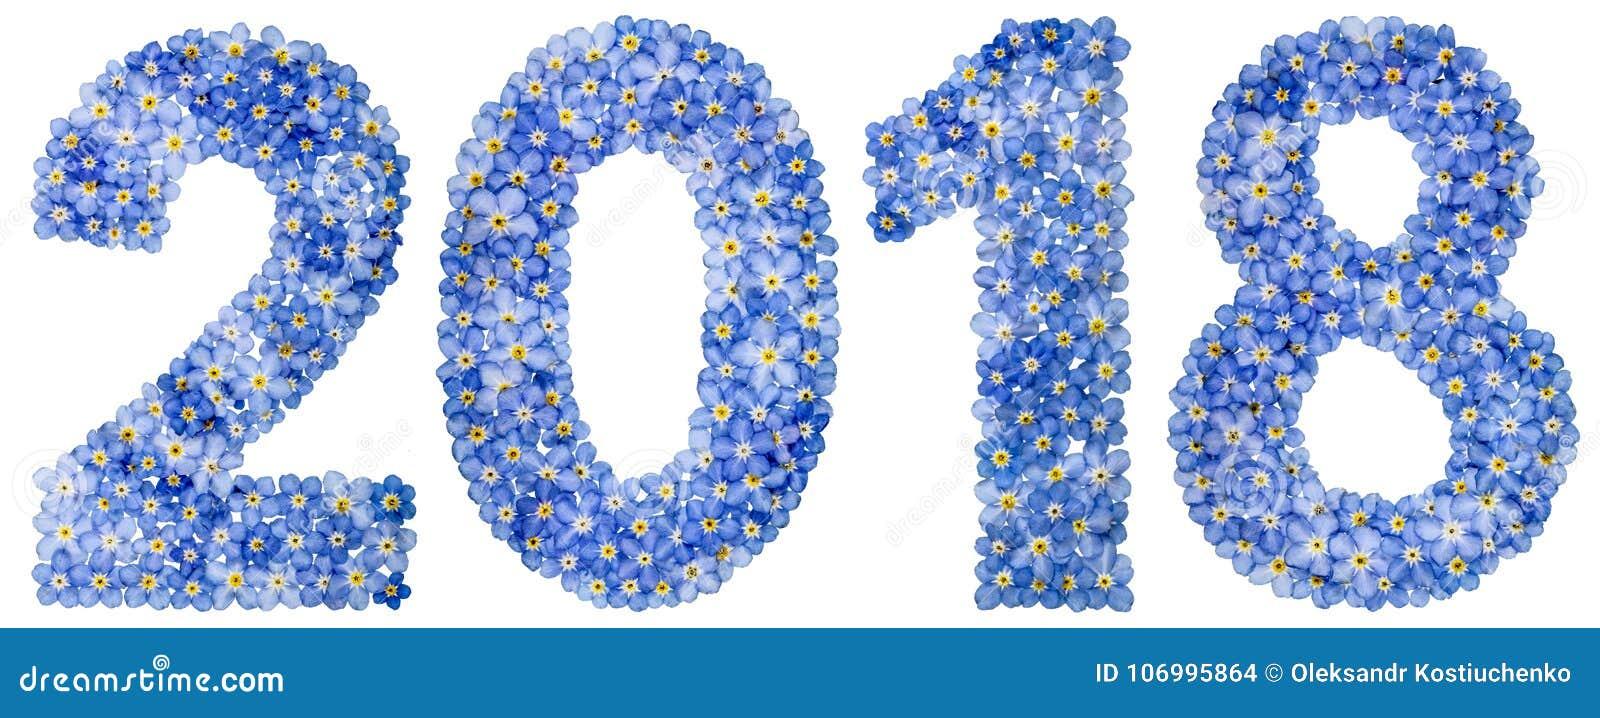 Numeral 2018 das flores azuis do miosótis, isoladas no branco